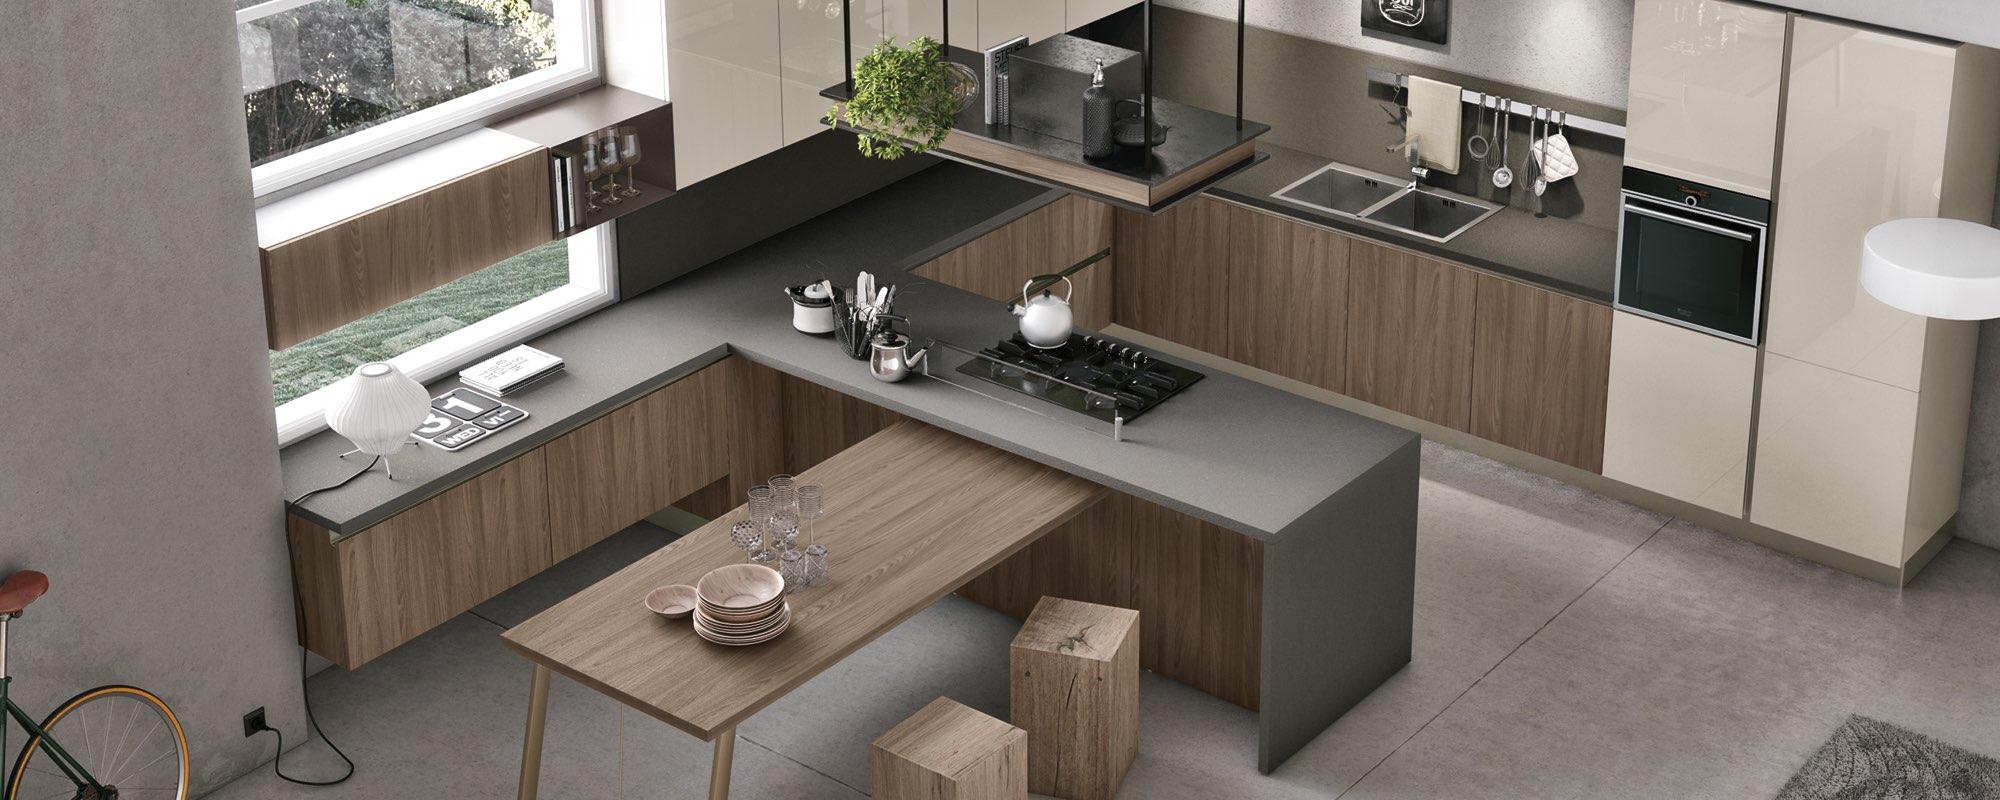 vista dall`alto di una cucina